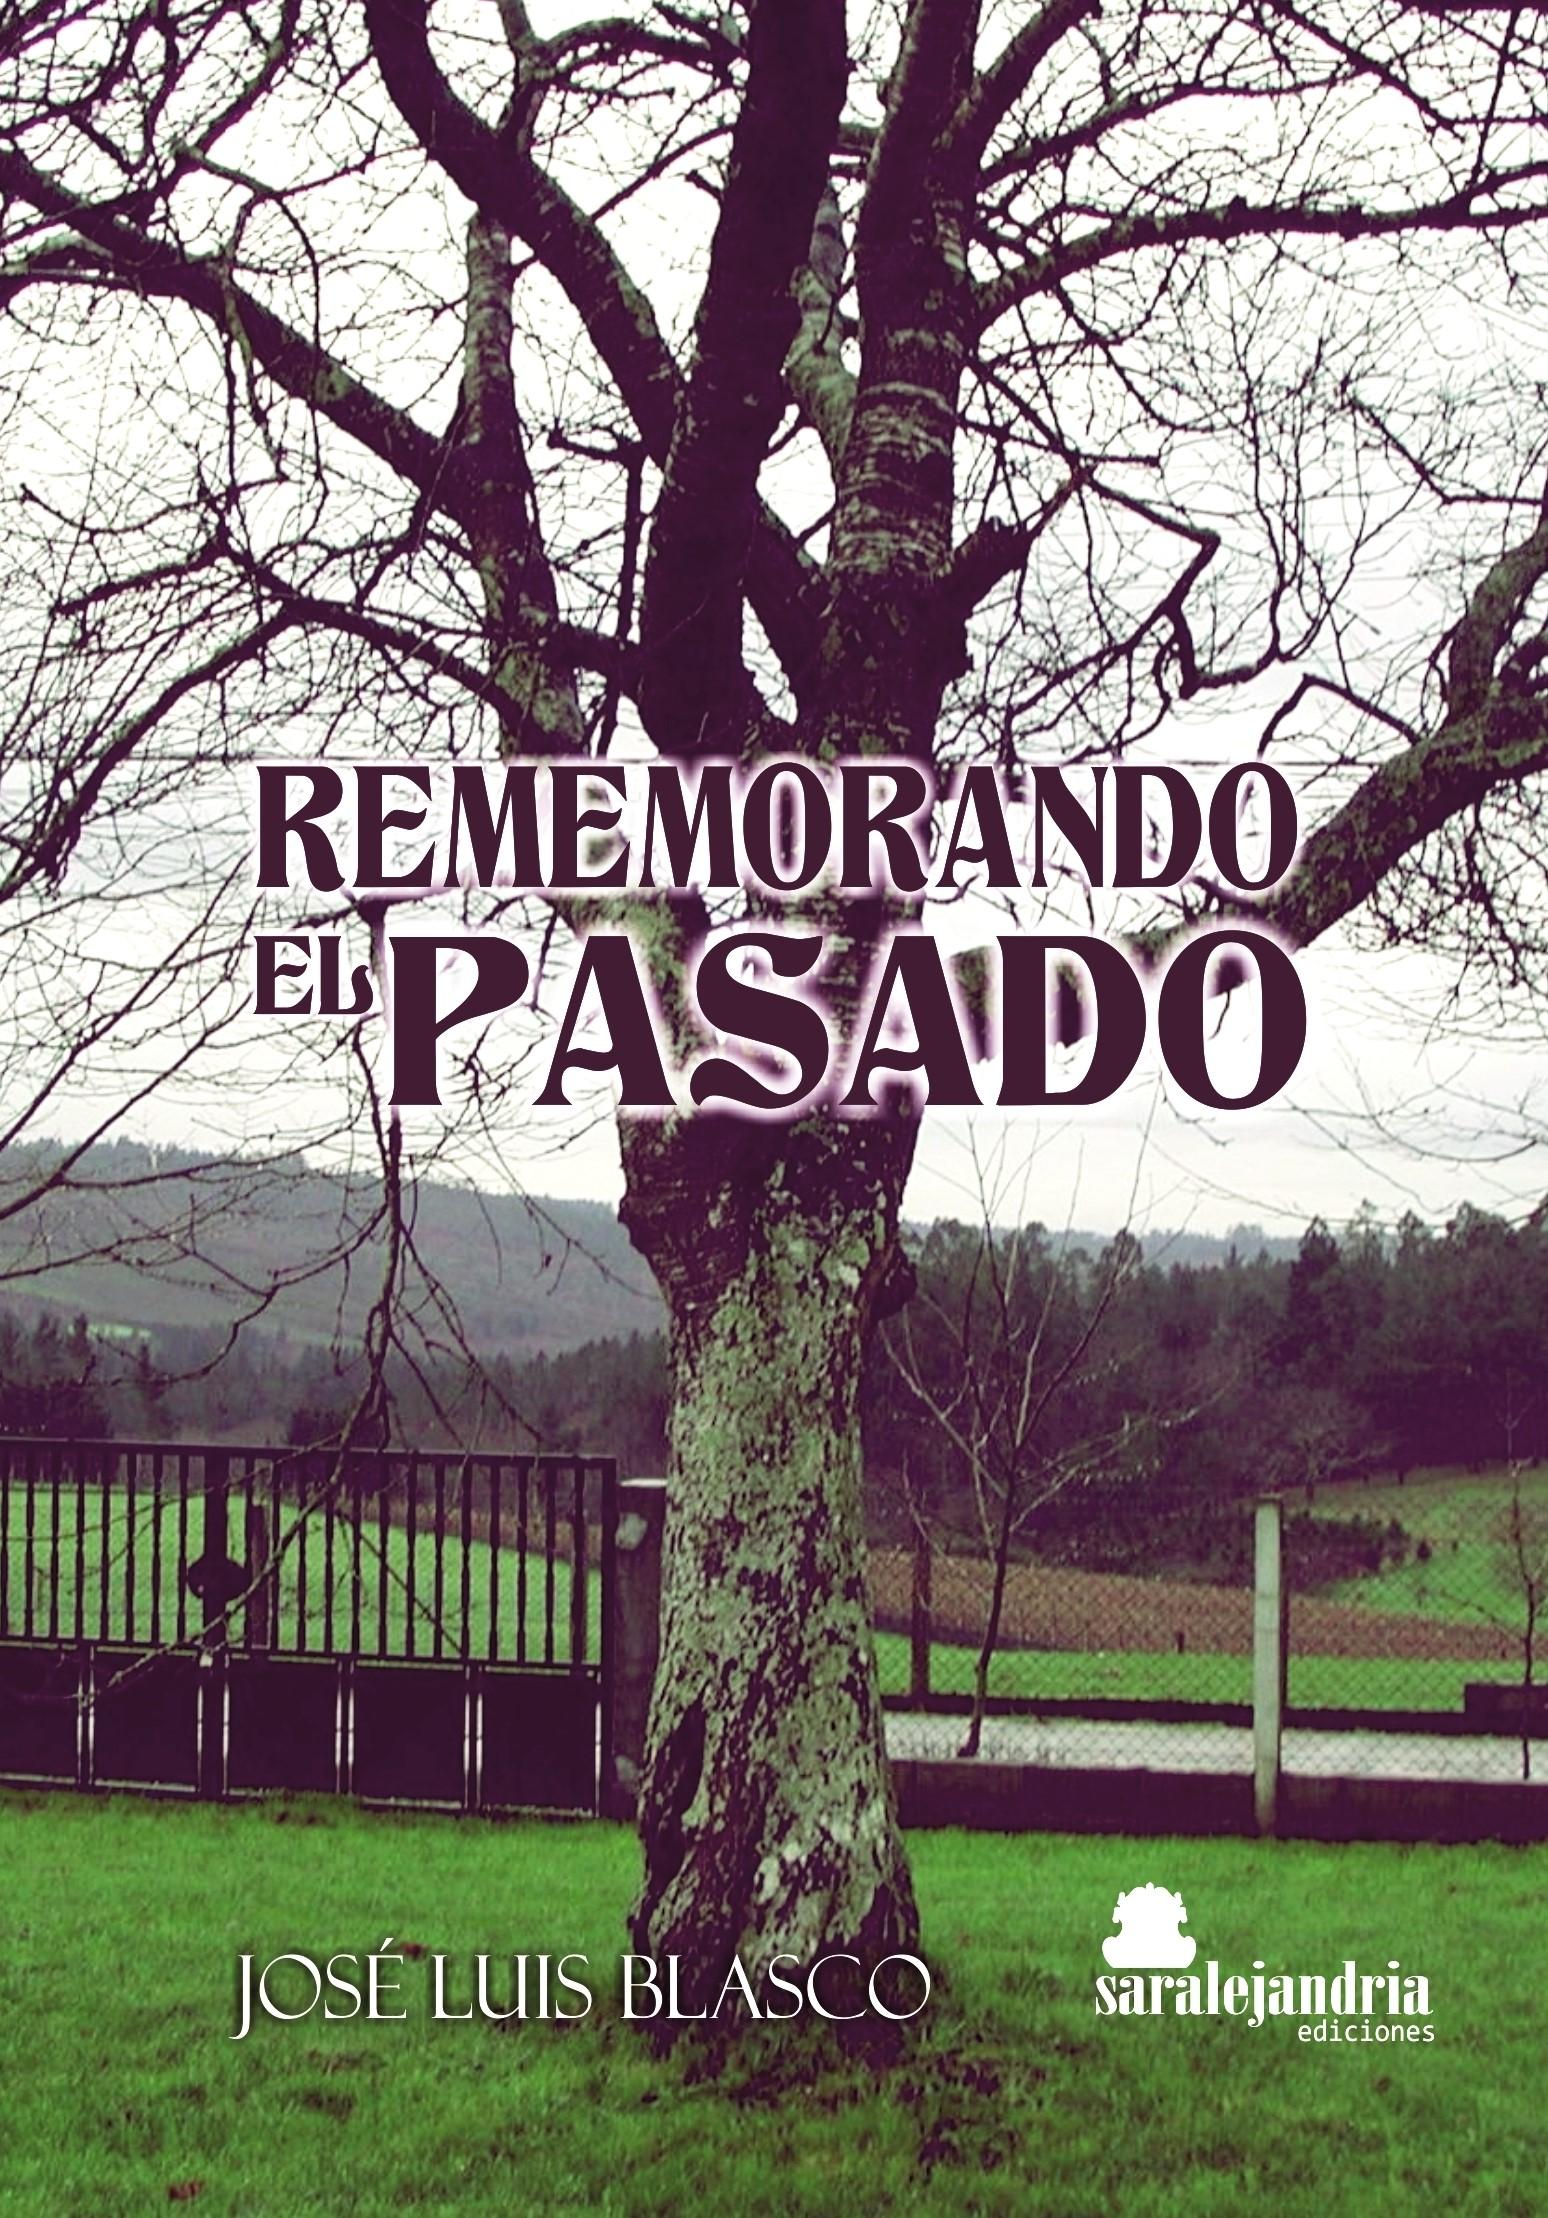 Rememorando el pasado